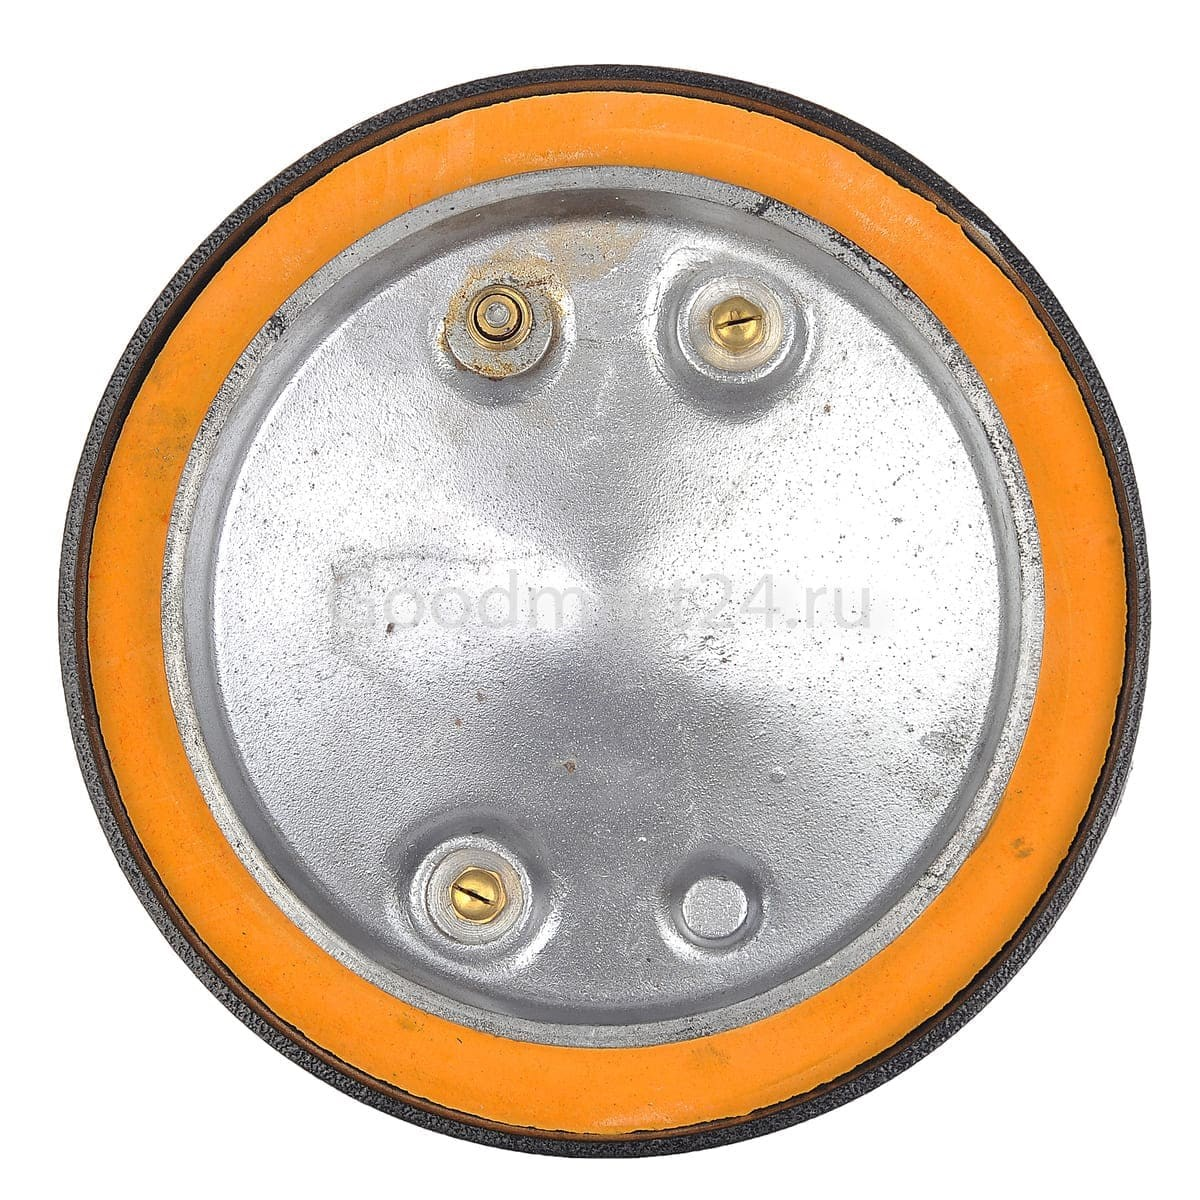 Афганский казан-скороварка 8 литров алюминиевый Rashko Baba LTD